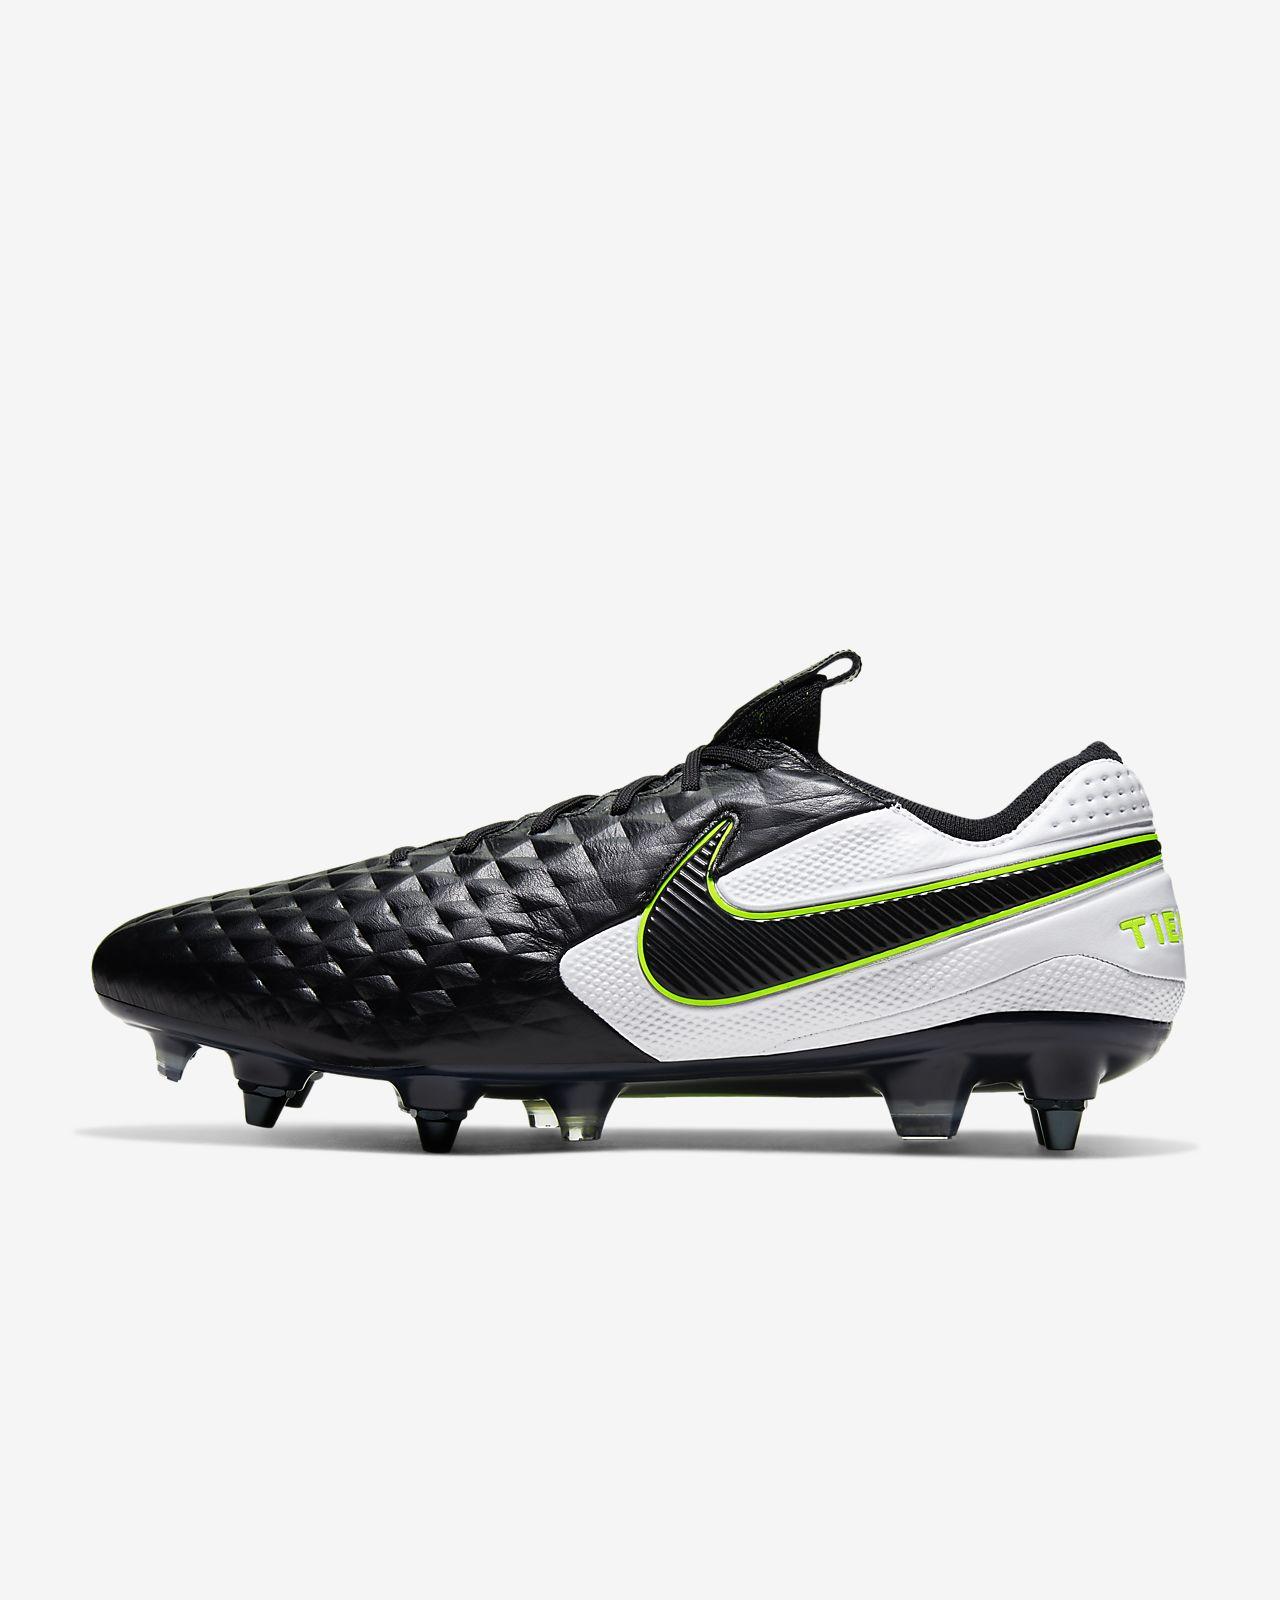 Fotbollssko för vått gräs Nike Tiempo Legend 8 Elite SG-PRO Anti-Clog